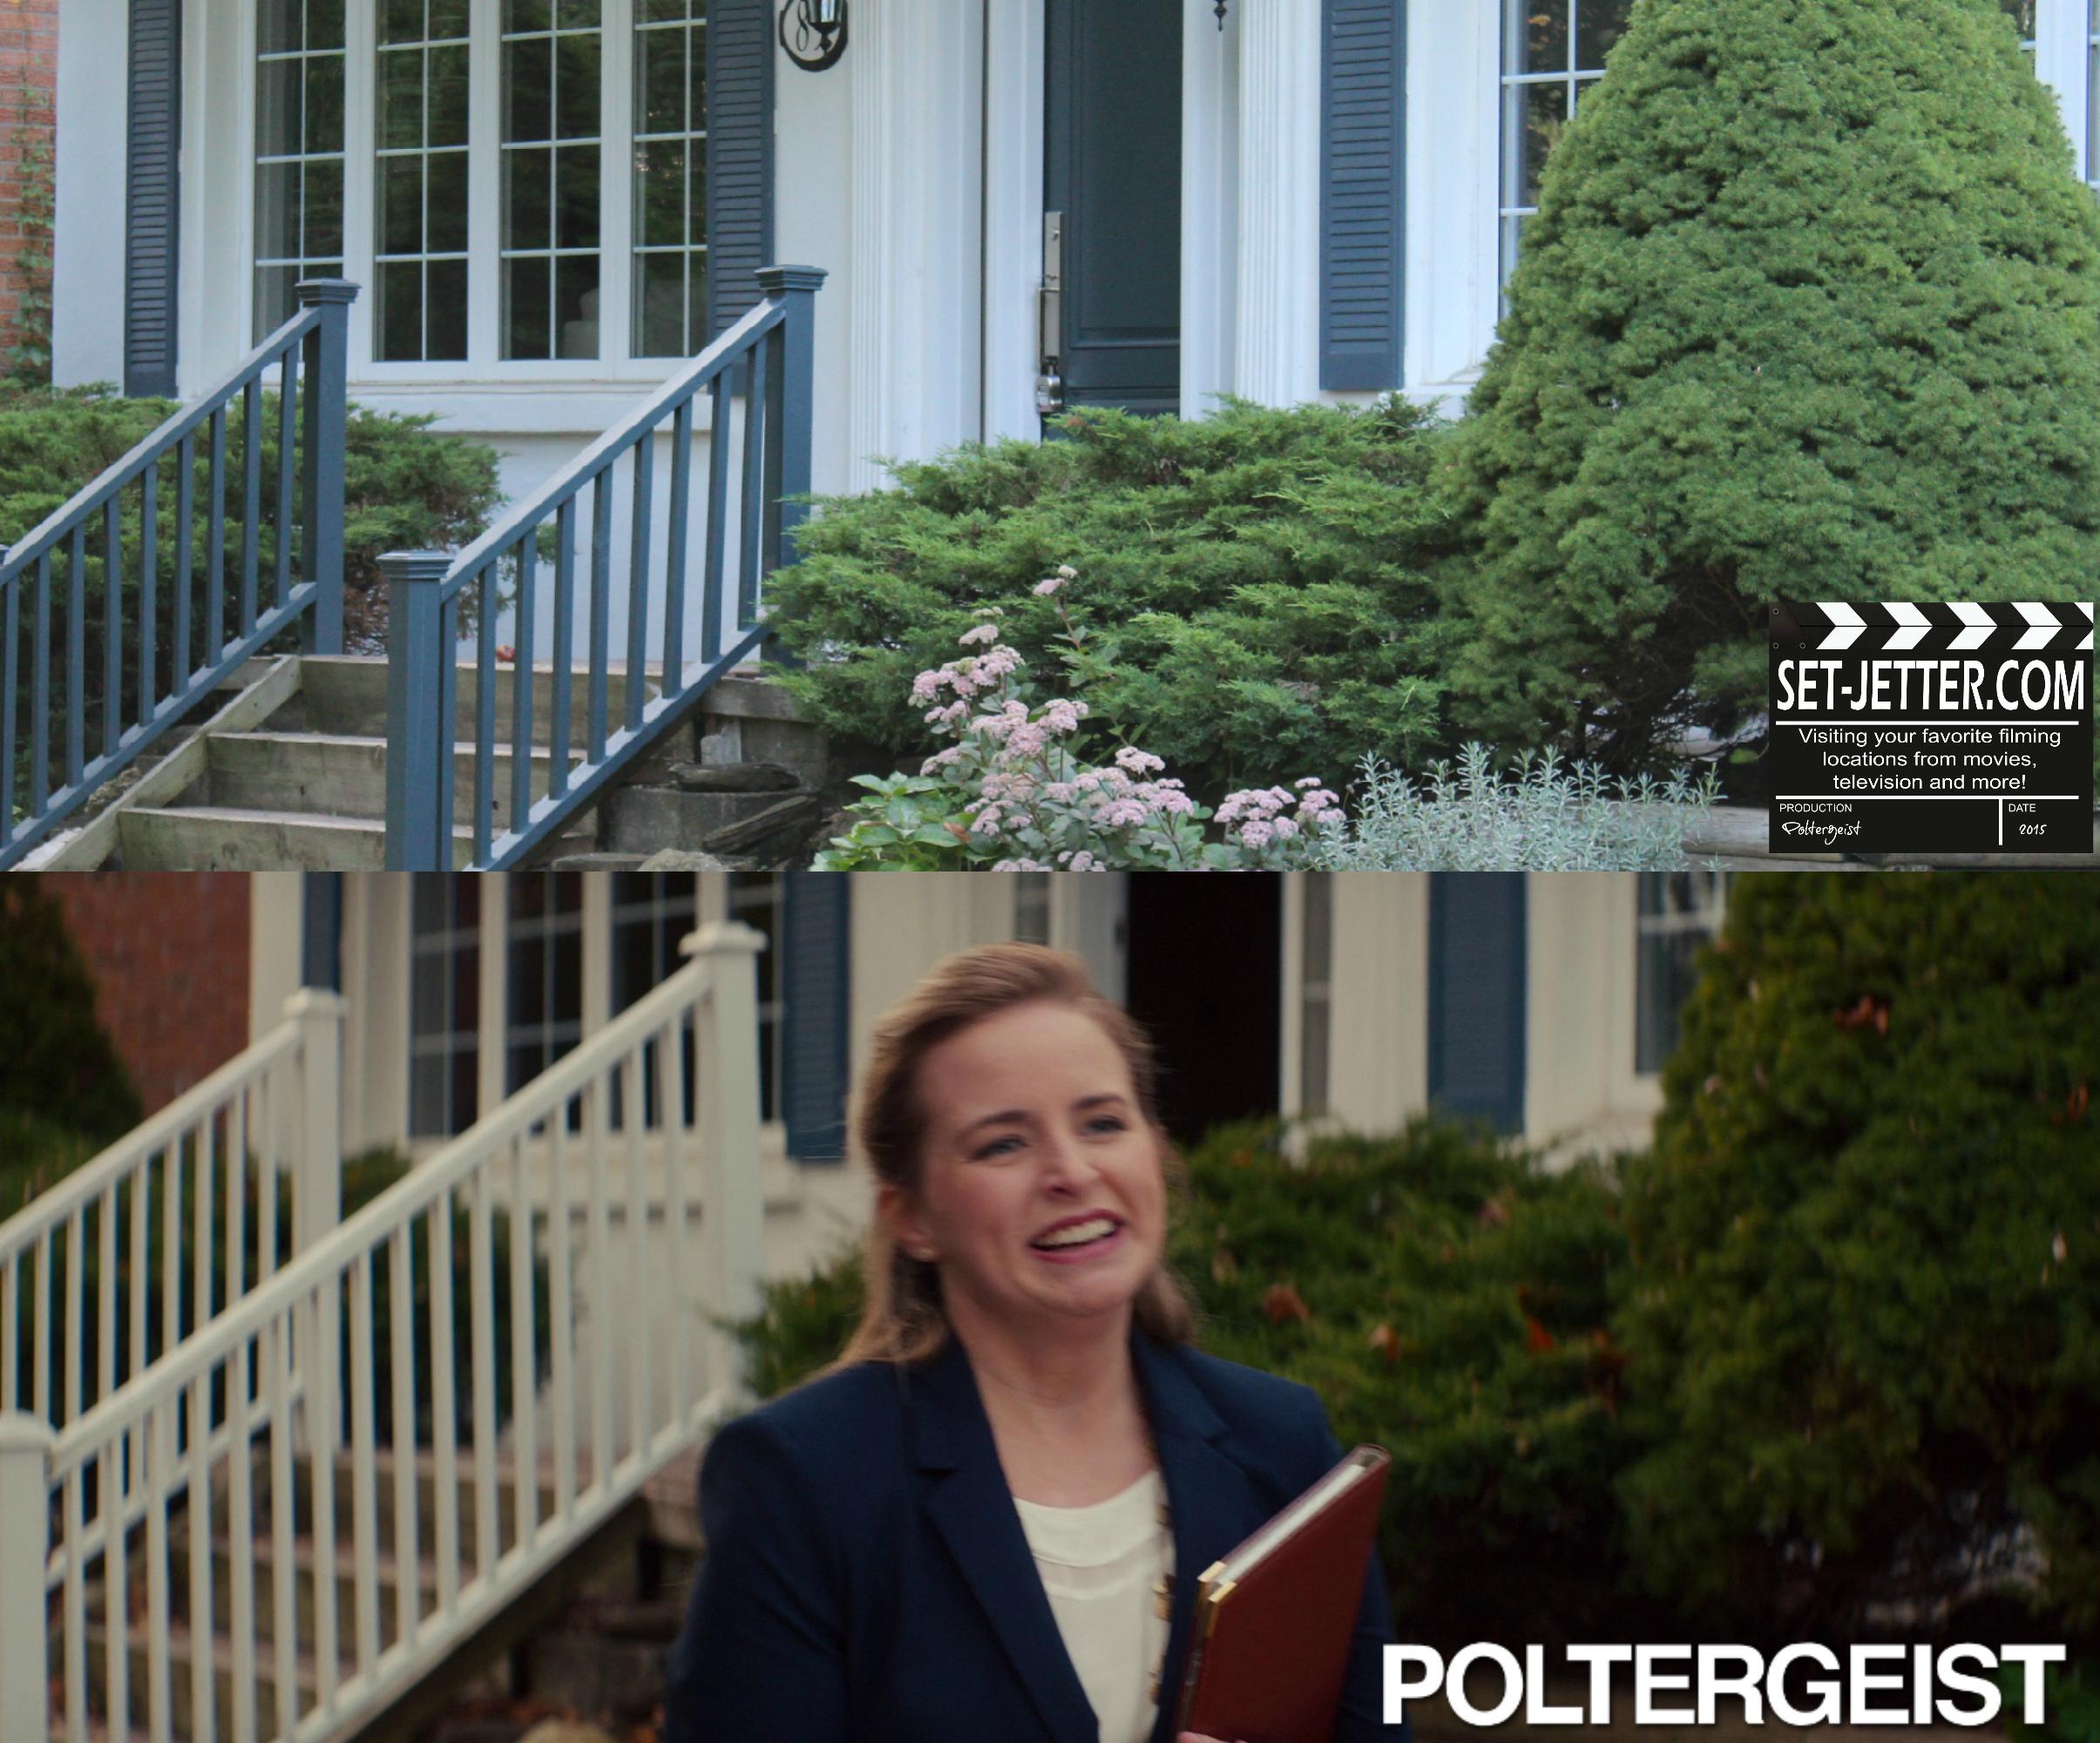 Poltergeist comparison 18.jpg